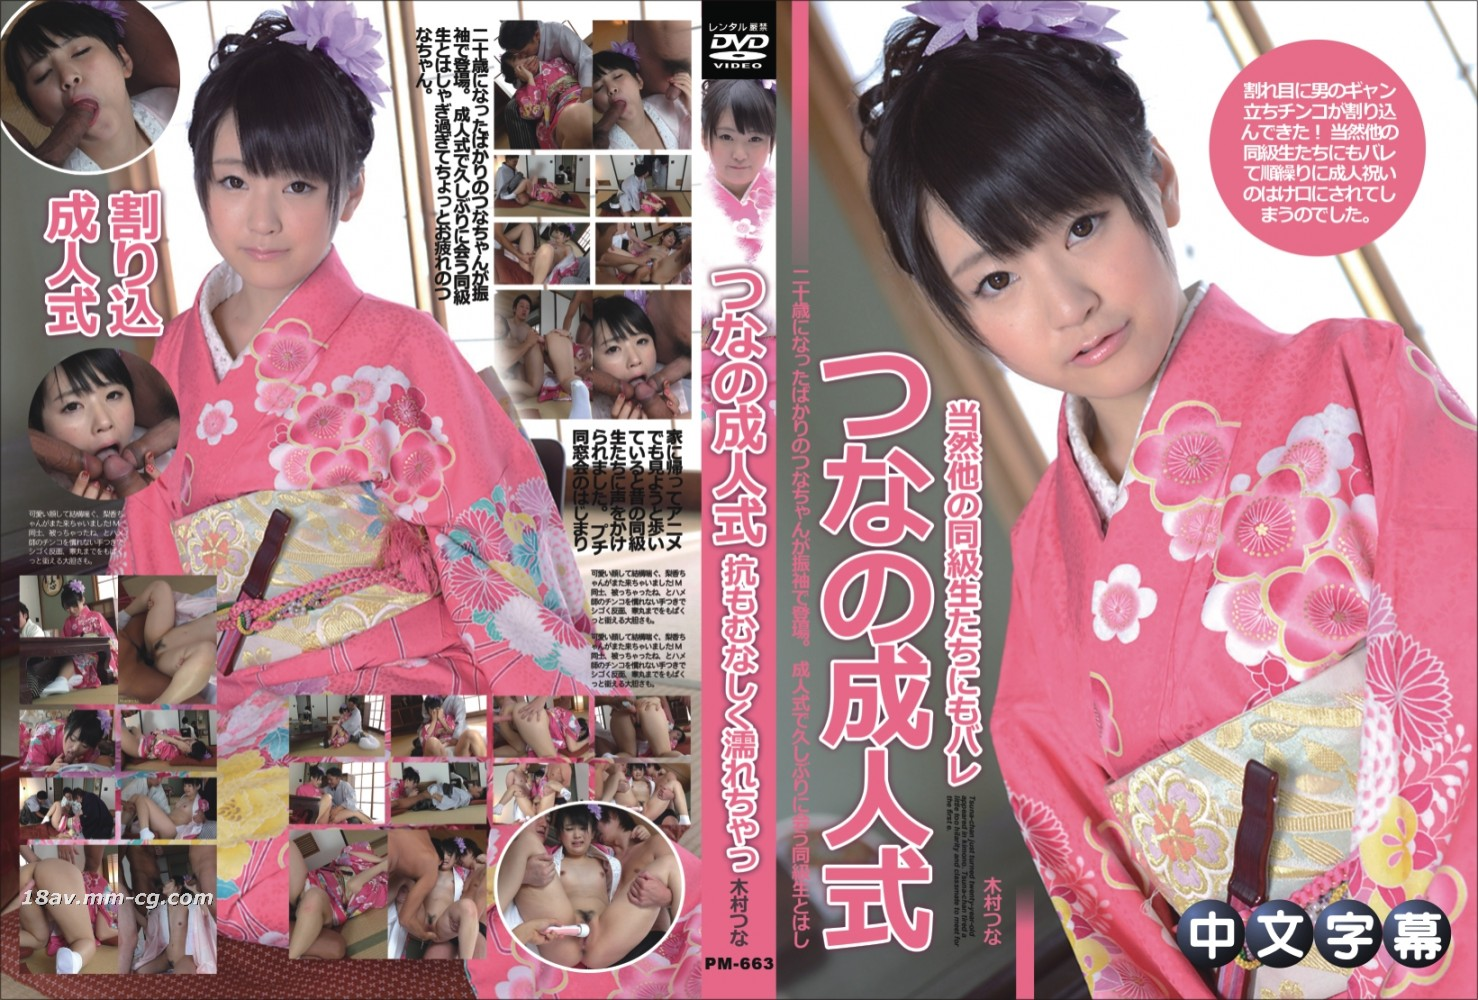 无码中文 PM-663 Kimura's adult style